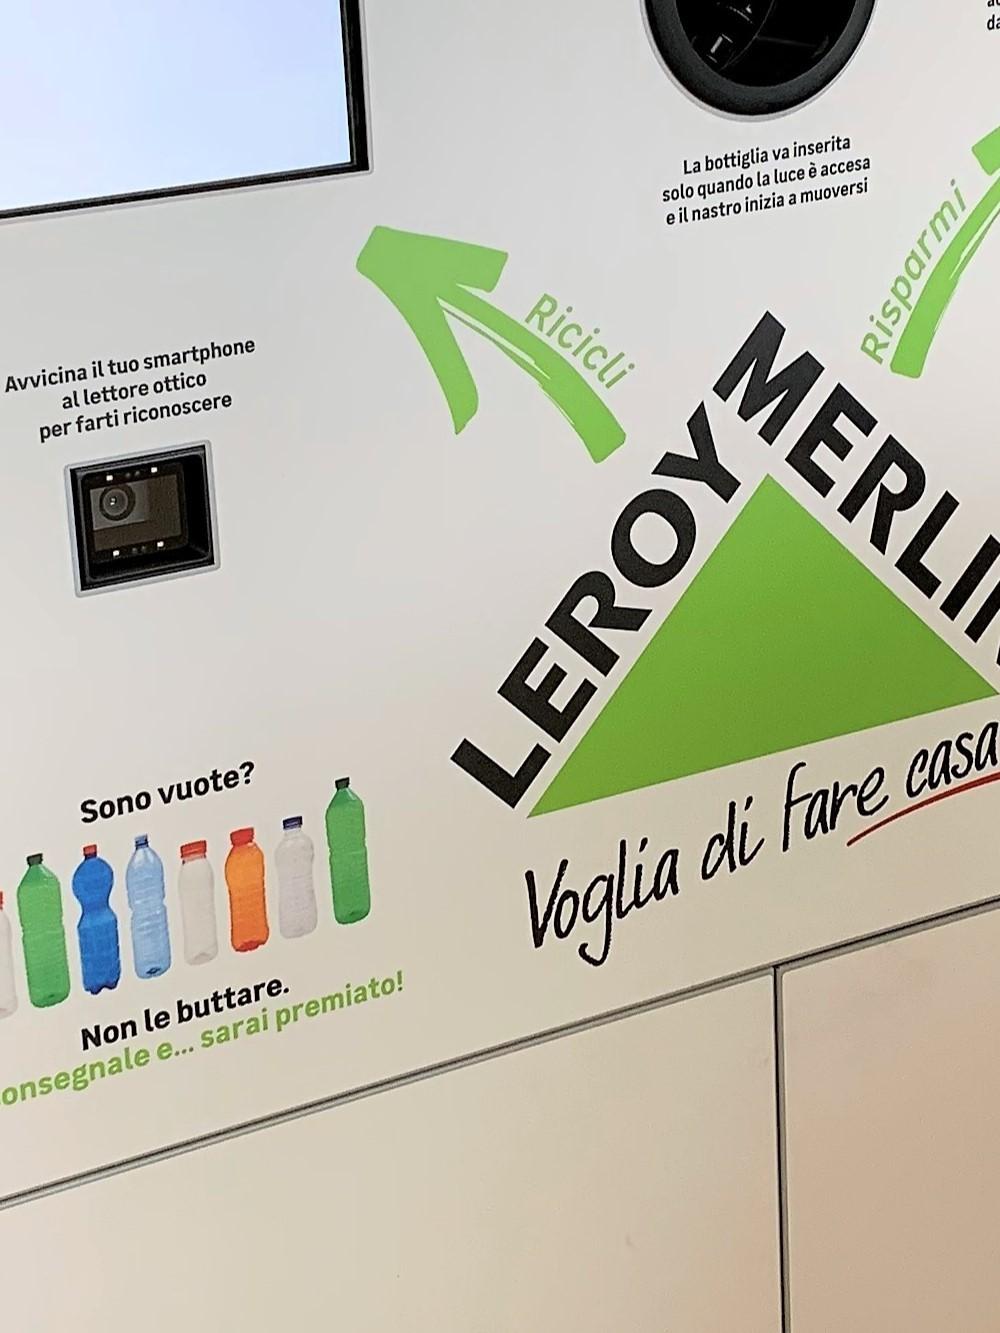 Leroy Merlin e Coripet invitano gli anconetani a riciclare le proprie bottiglie in Pet